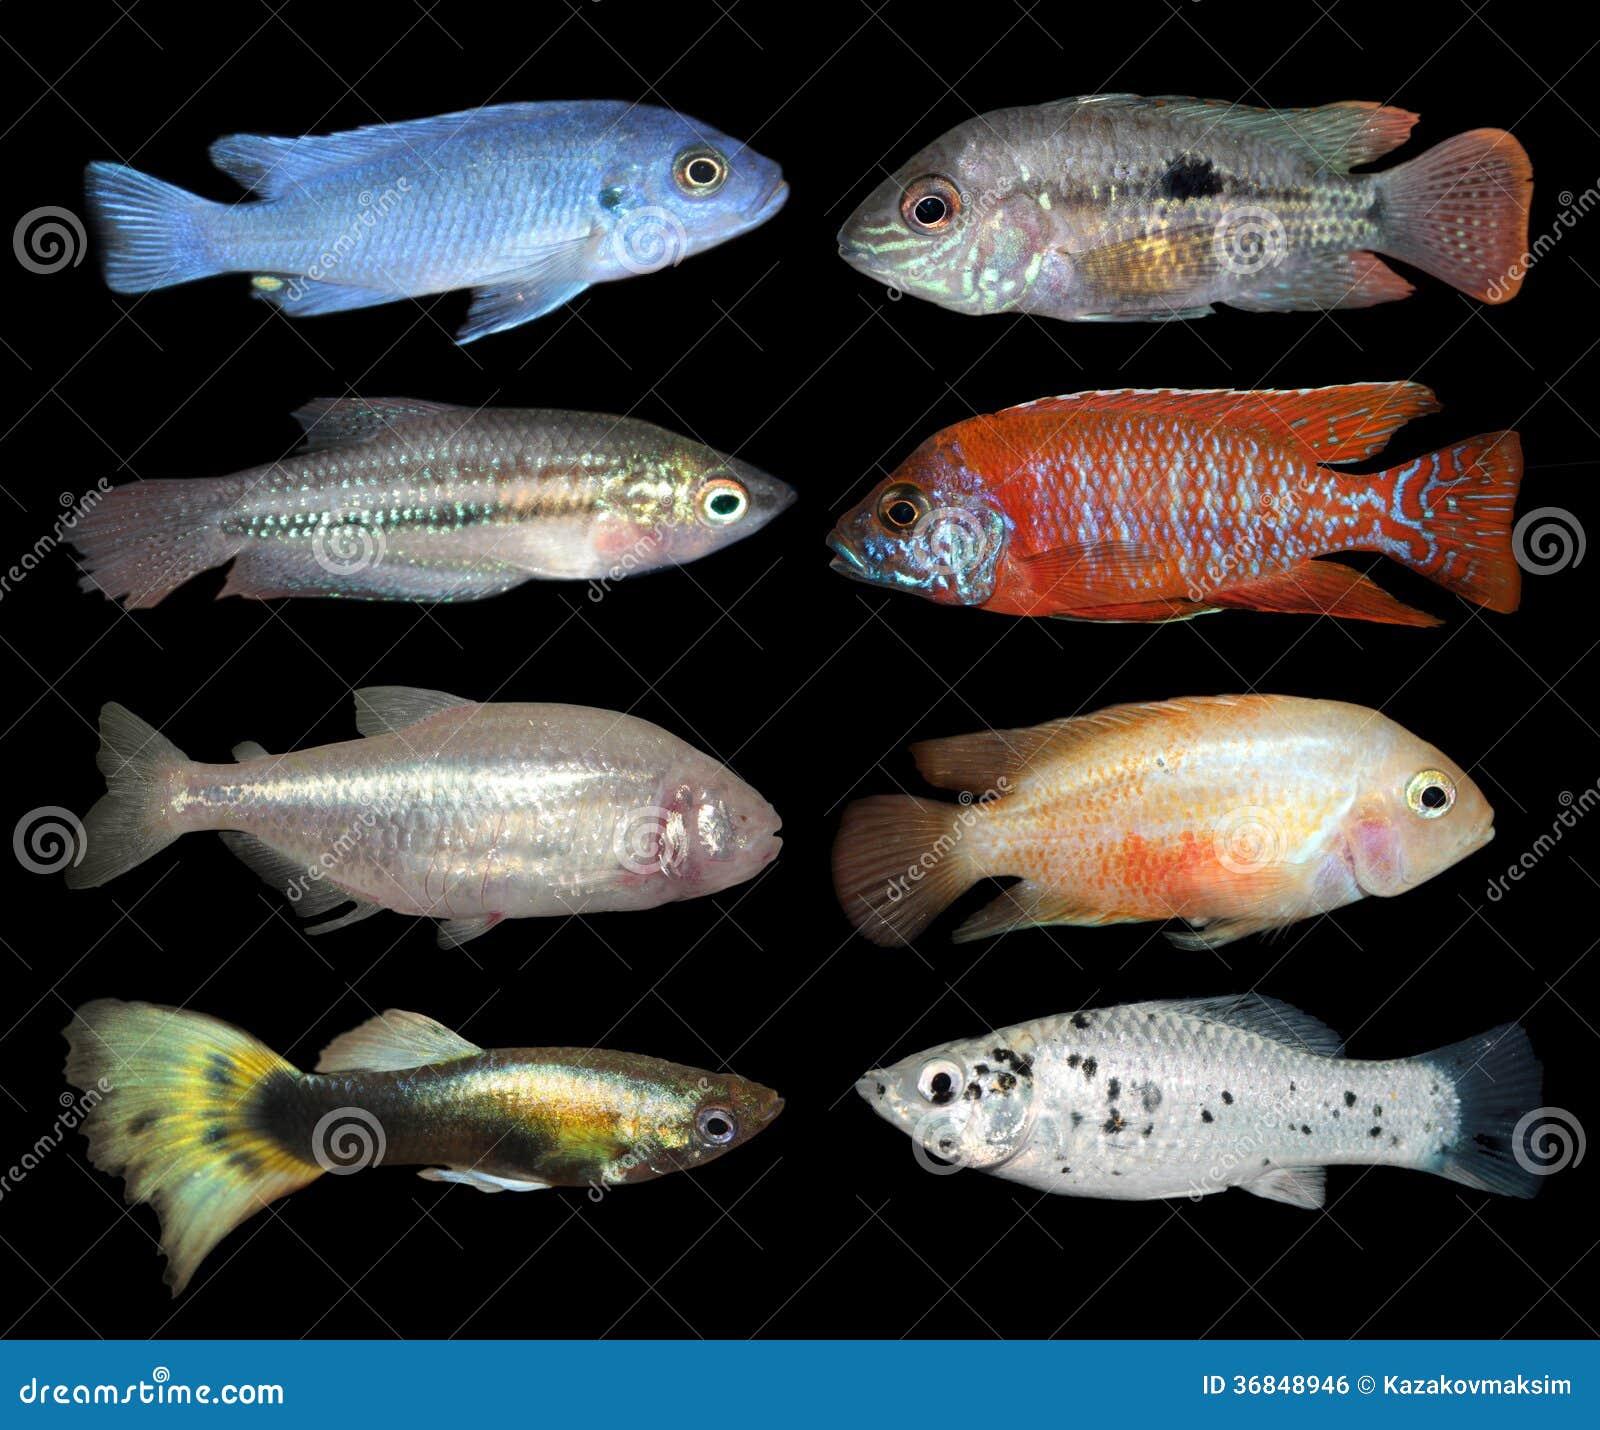 Set Of Aquarium Fishes On Black Background Stock Photo Image Of